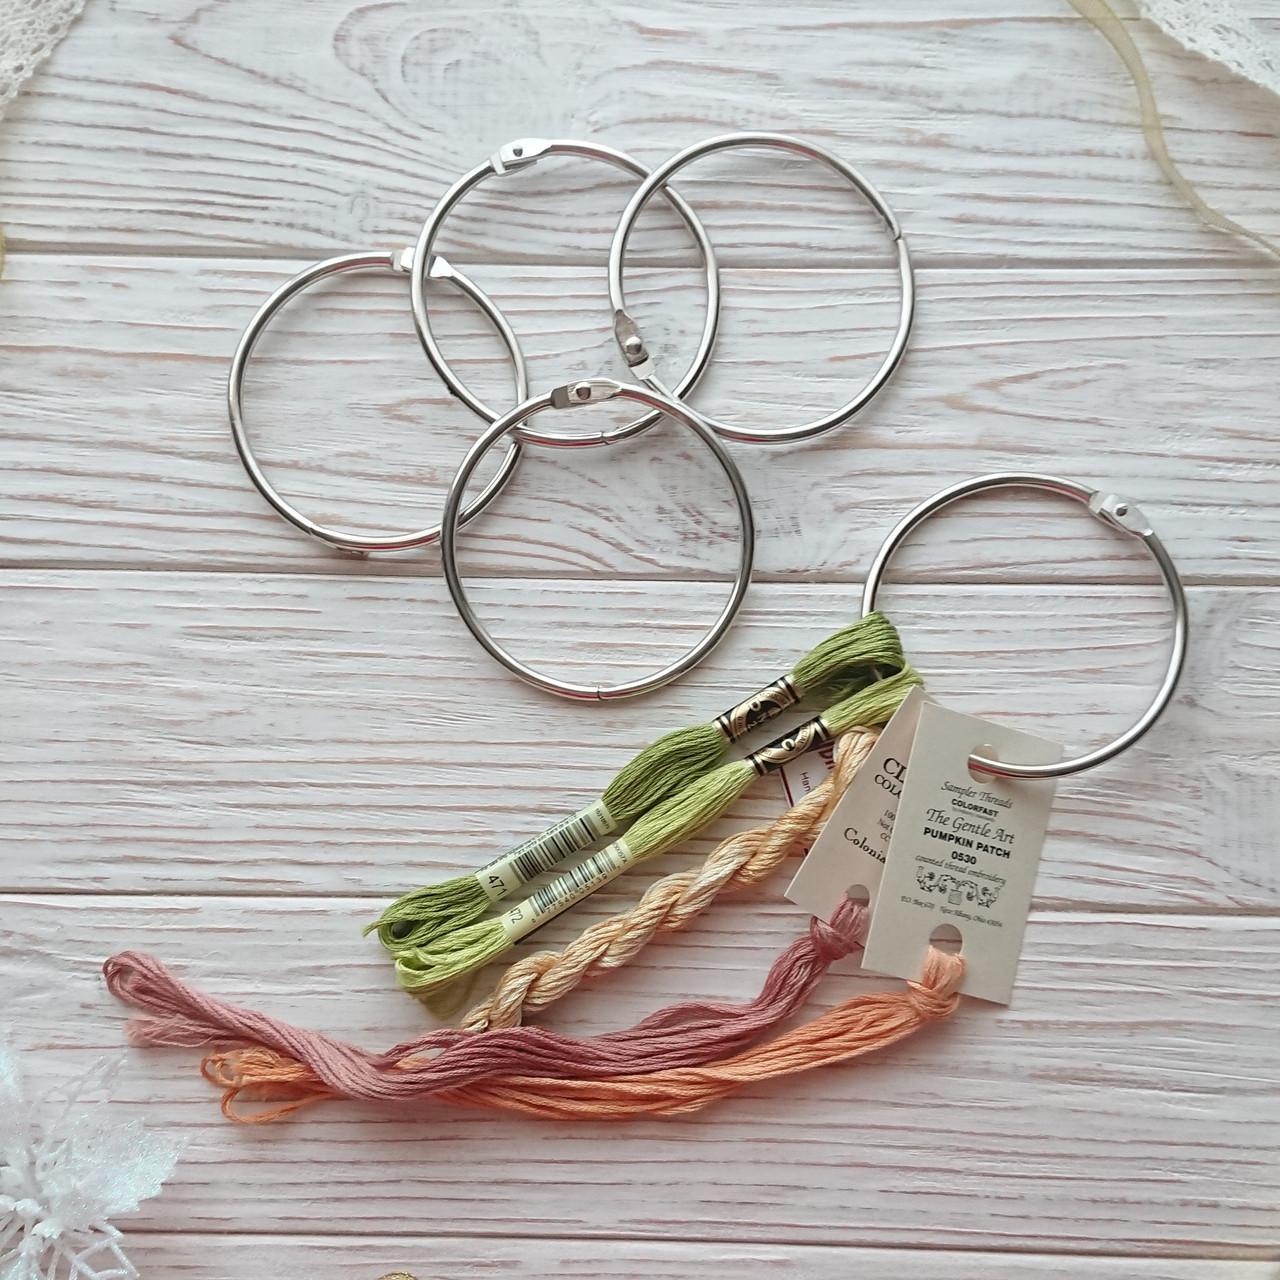 Кольцо для мулине, бобин (шпуль) 7,8 мм серебро